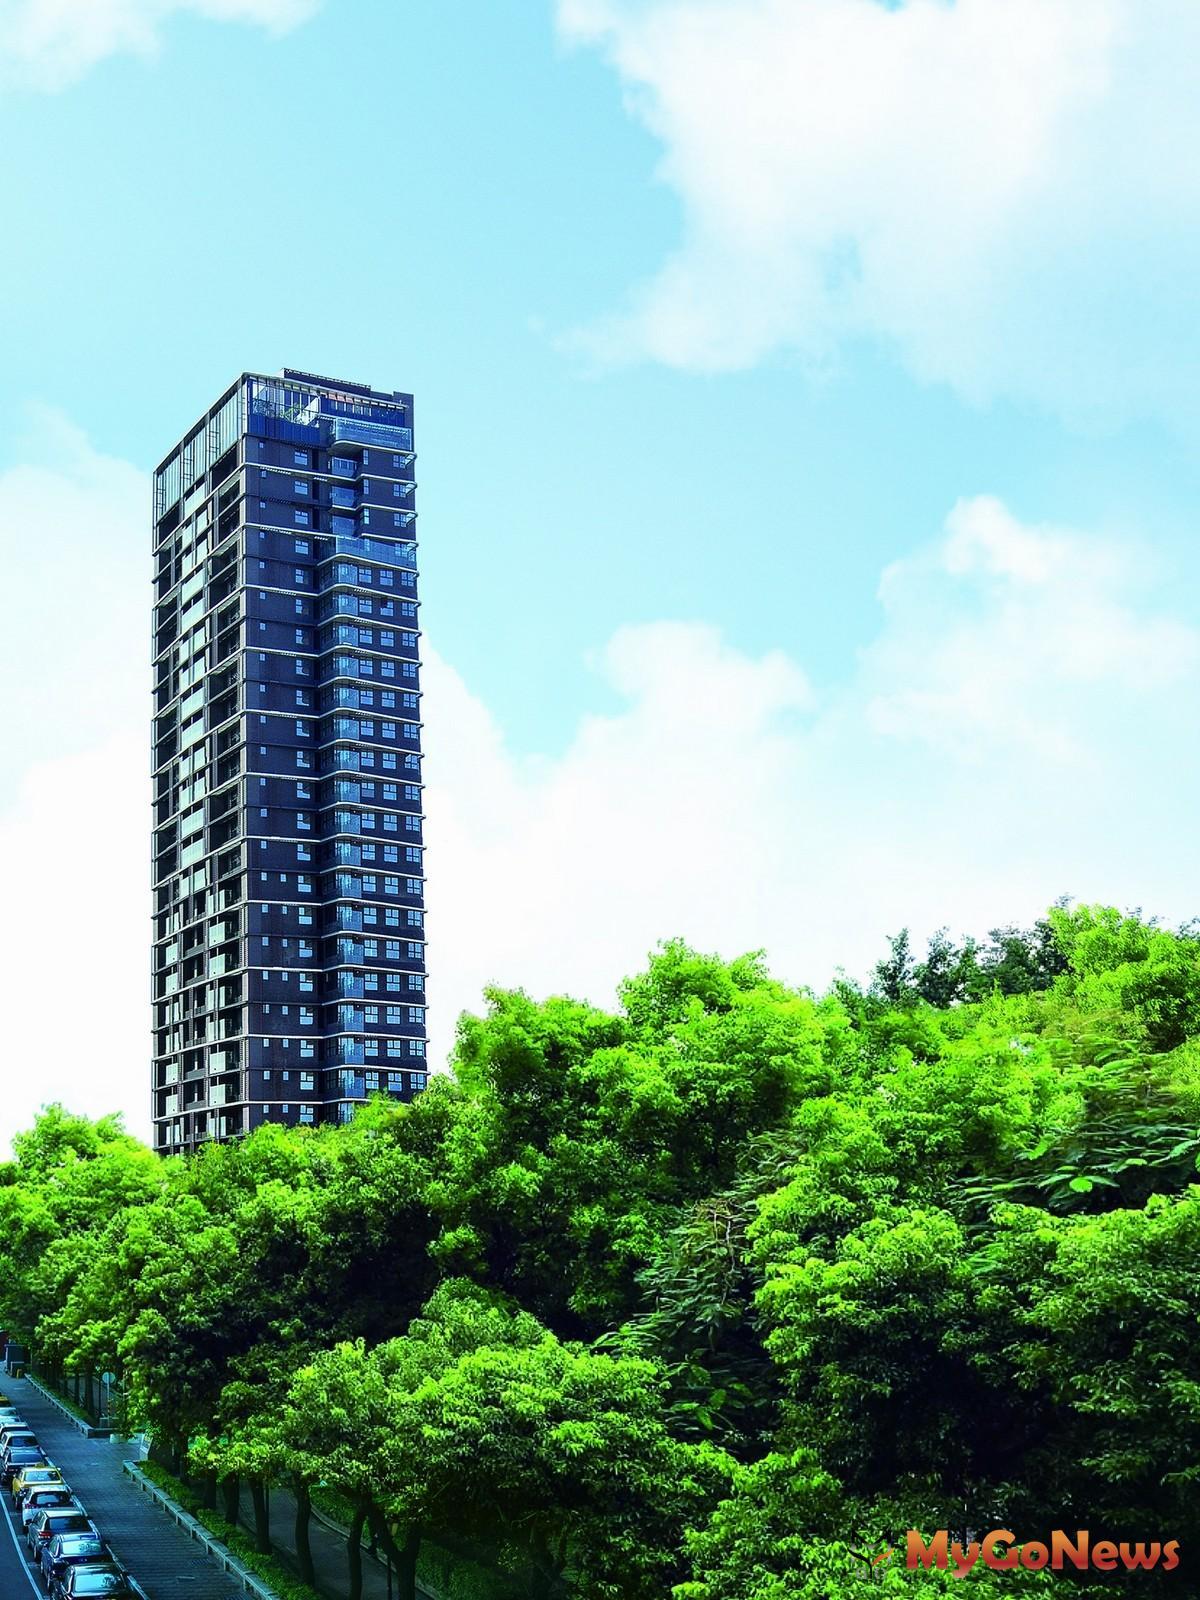 「昕彤觀瀾」打造台北橋上空摩天27層的水岸景觀地標建築鉅作。(圖/業者提供) MyGoNews房地產新聞 熱銷推案